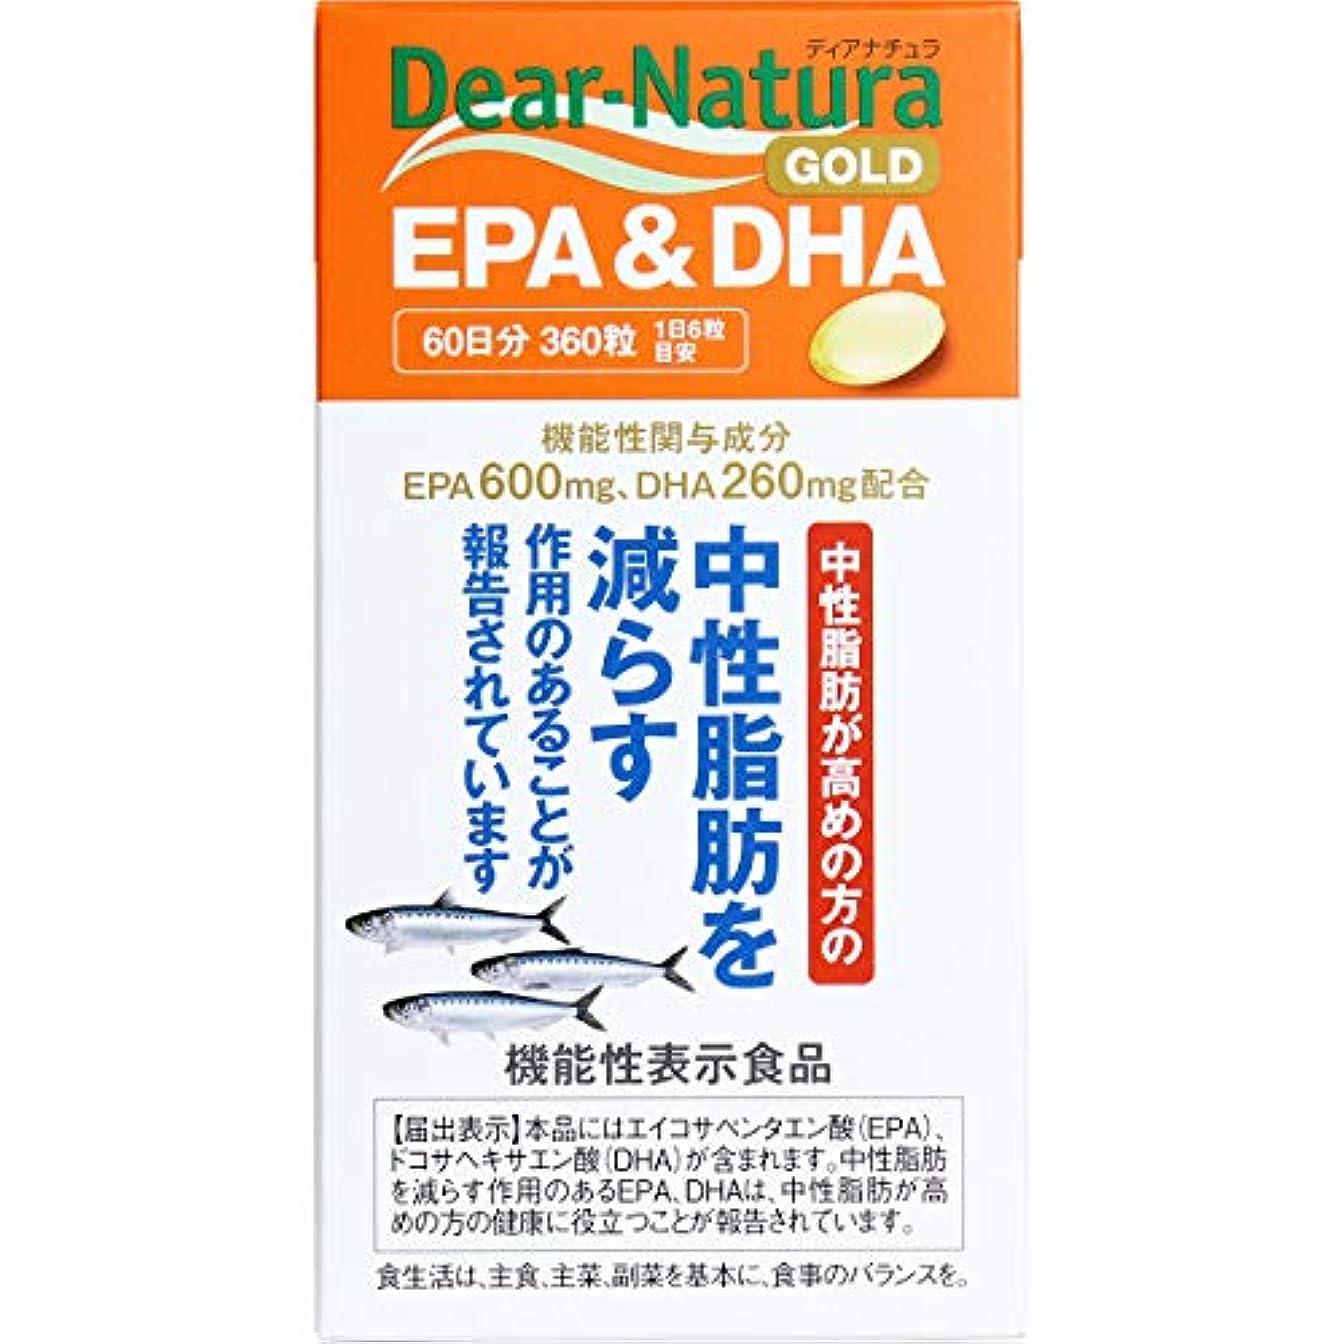 これまで有料練るディアナチュラゴールド EPA&DHA 60日分 360粒入×5個セット